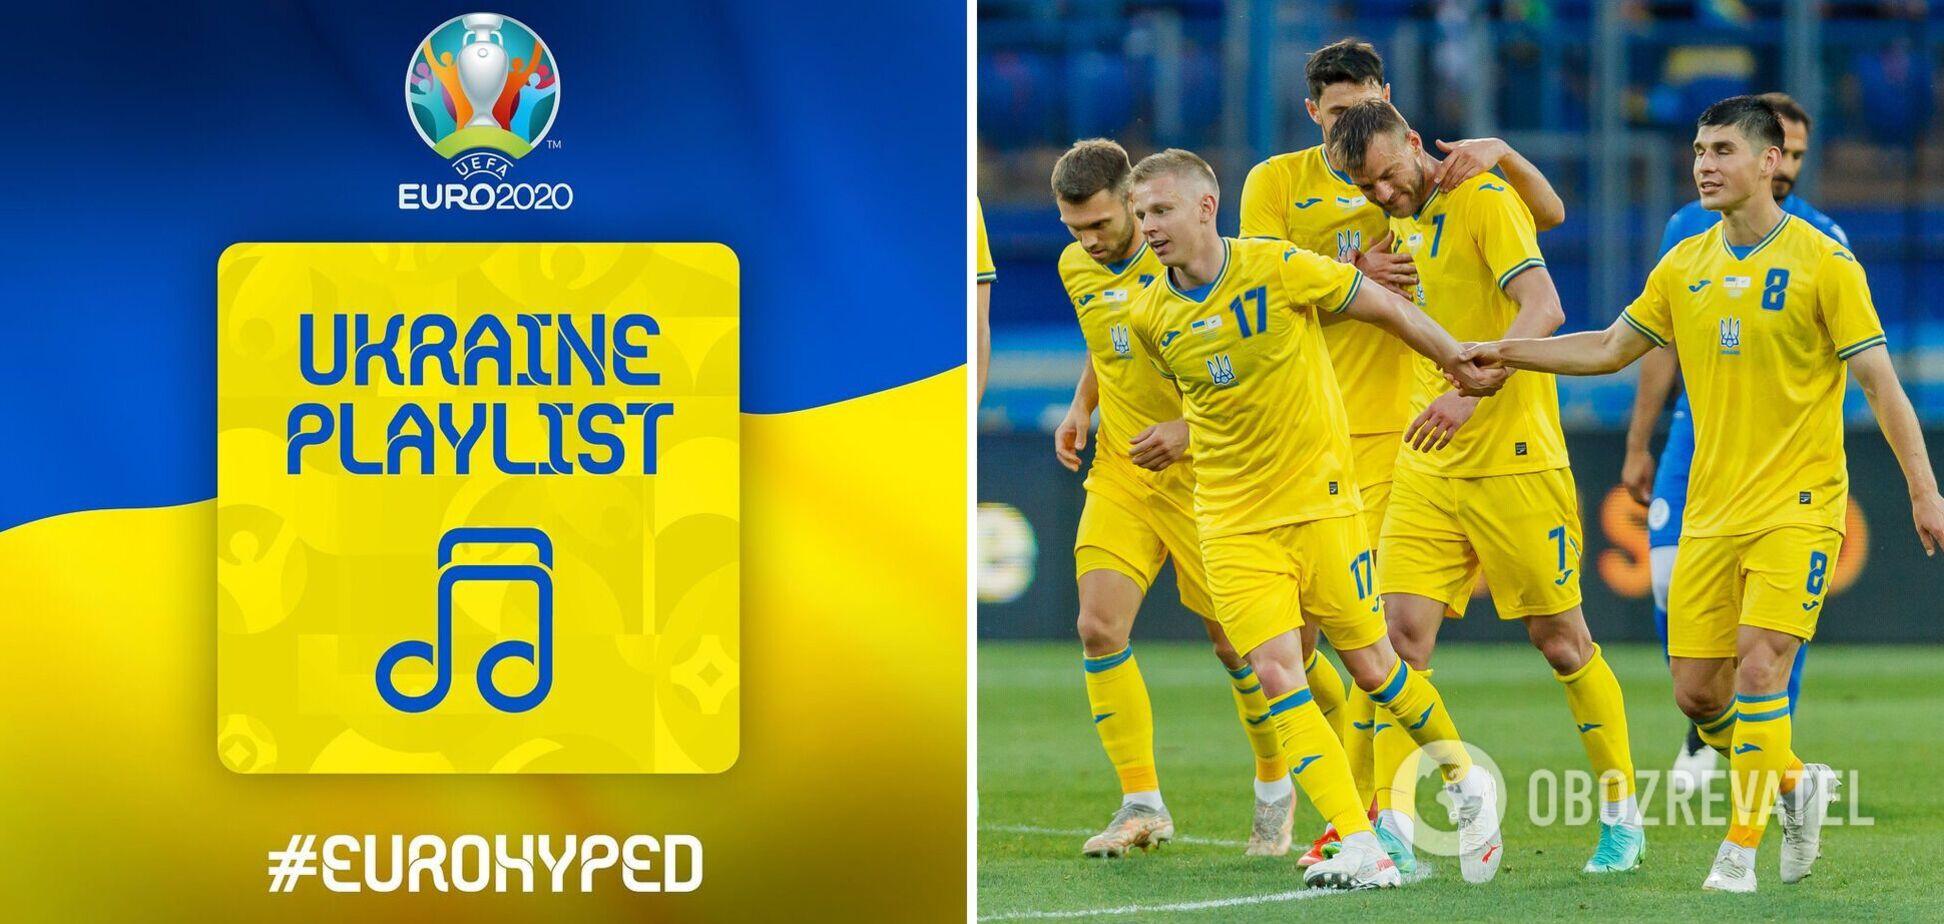 В новый плейлист сборной Украины на Евро-2020 вошли 50 песен